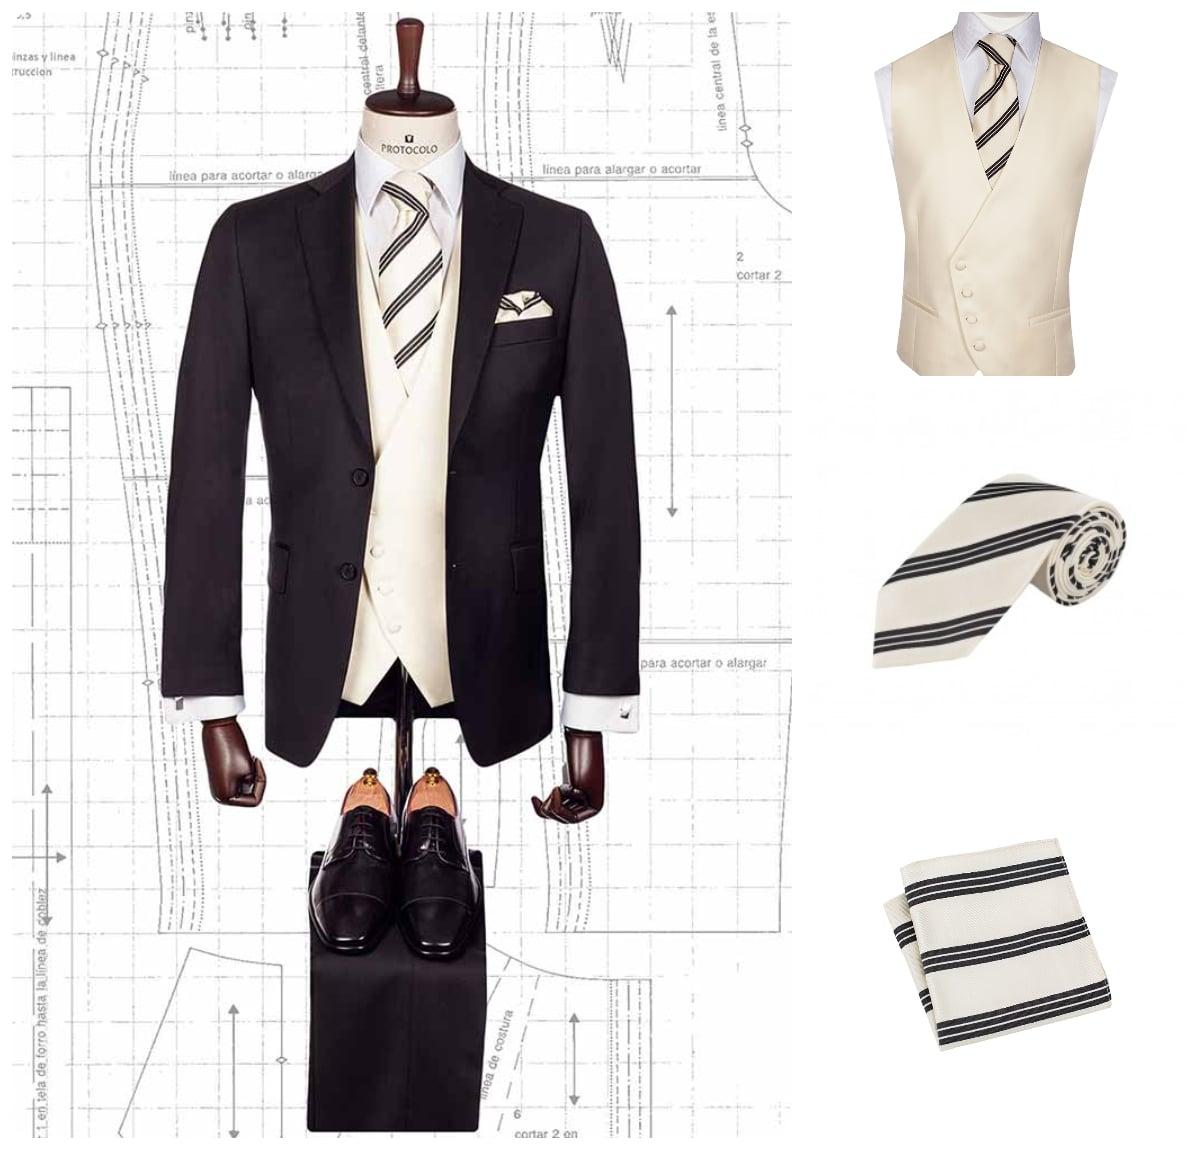 Traje negro sencillo con chaleco blanco